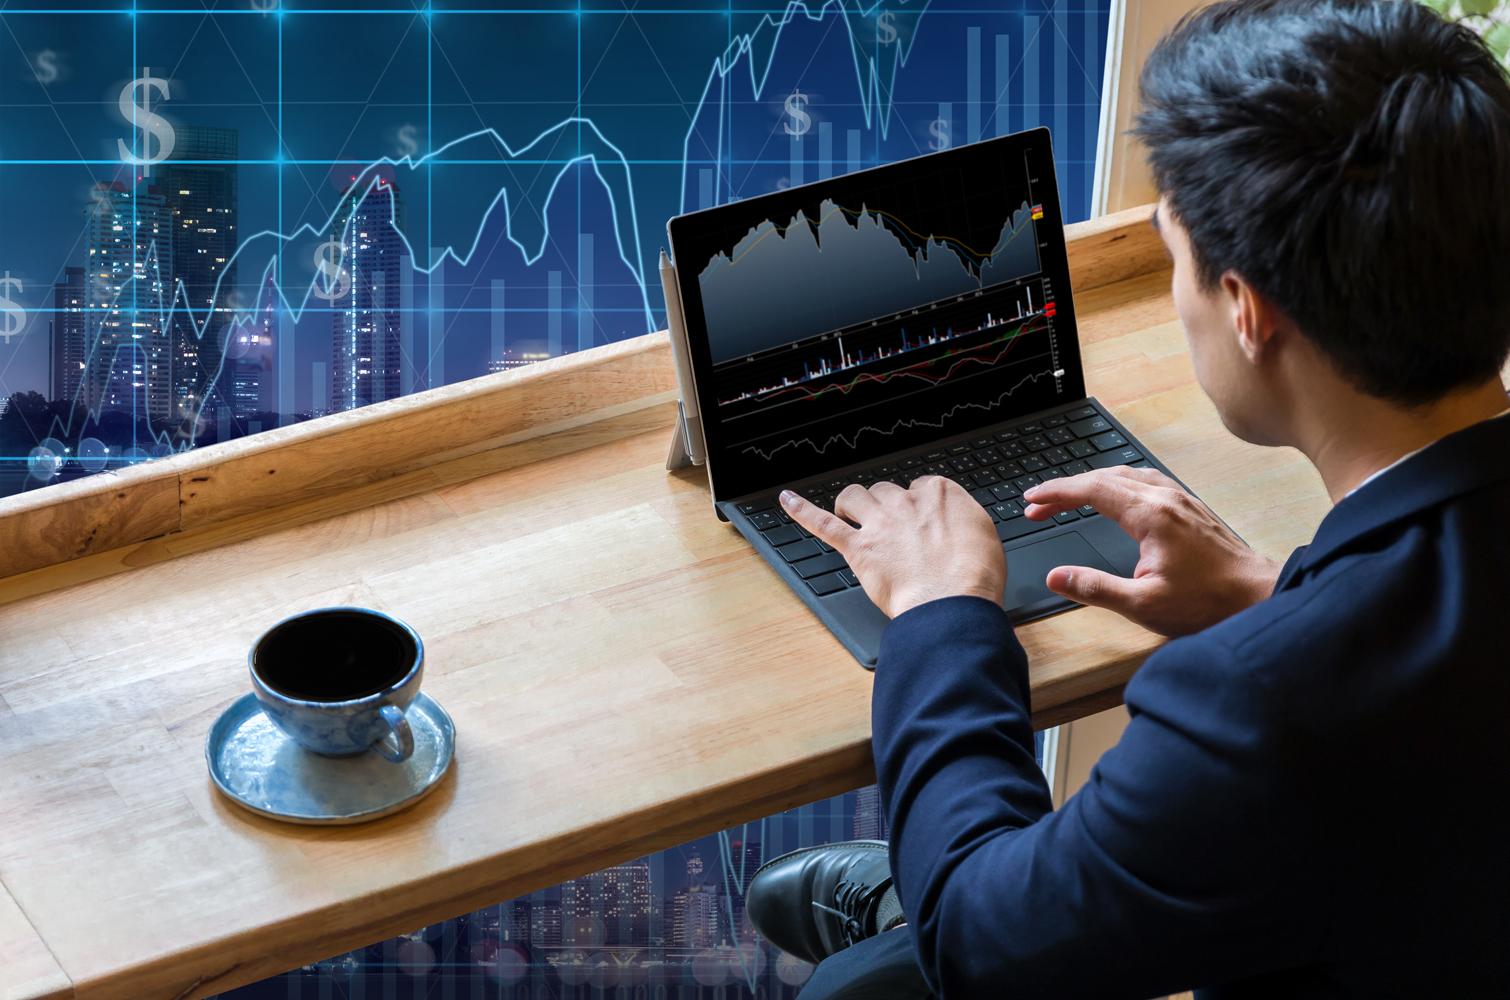 ultimele recenzii despre opțiunile binare evaluarea proiectelor de investiții folosind opțiuni reale